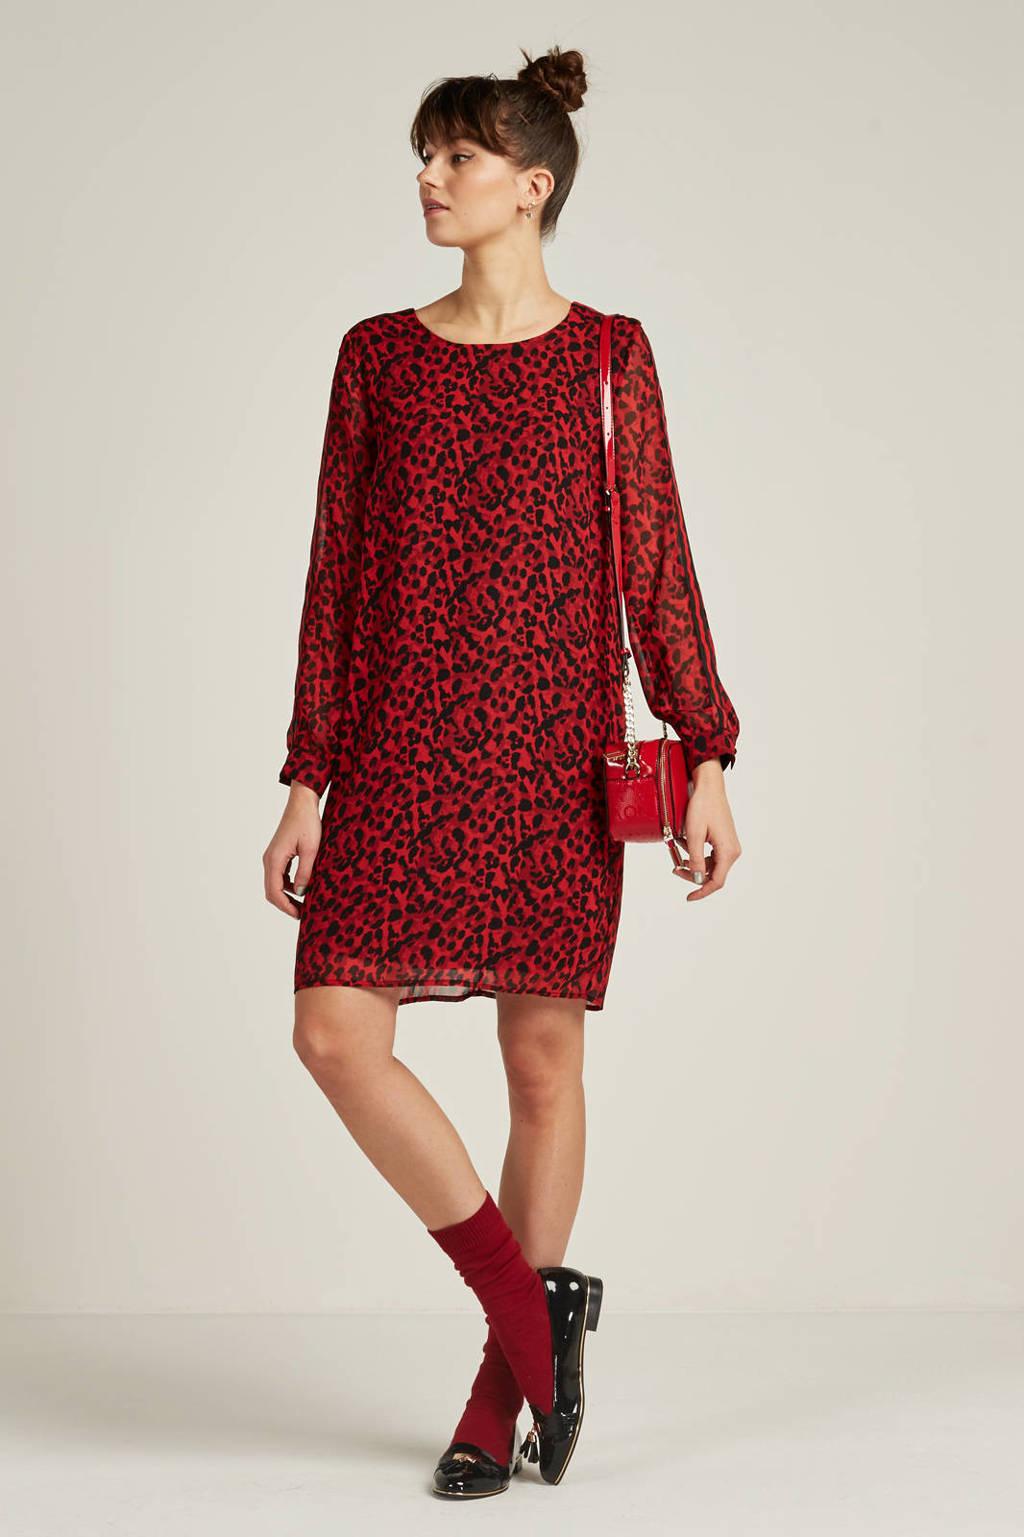 f8be022b3a71cd ONLY jurk met luipaardprint